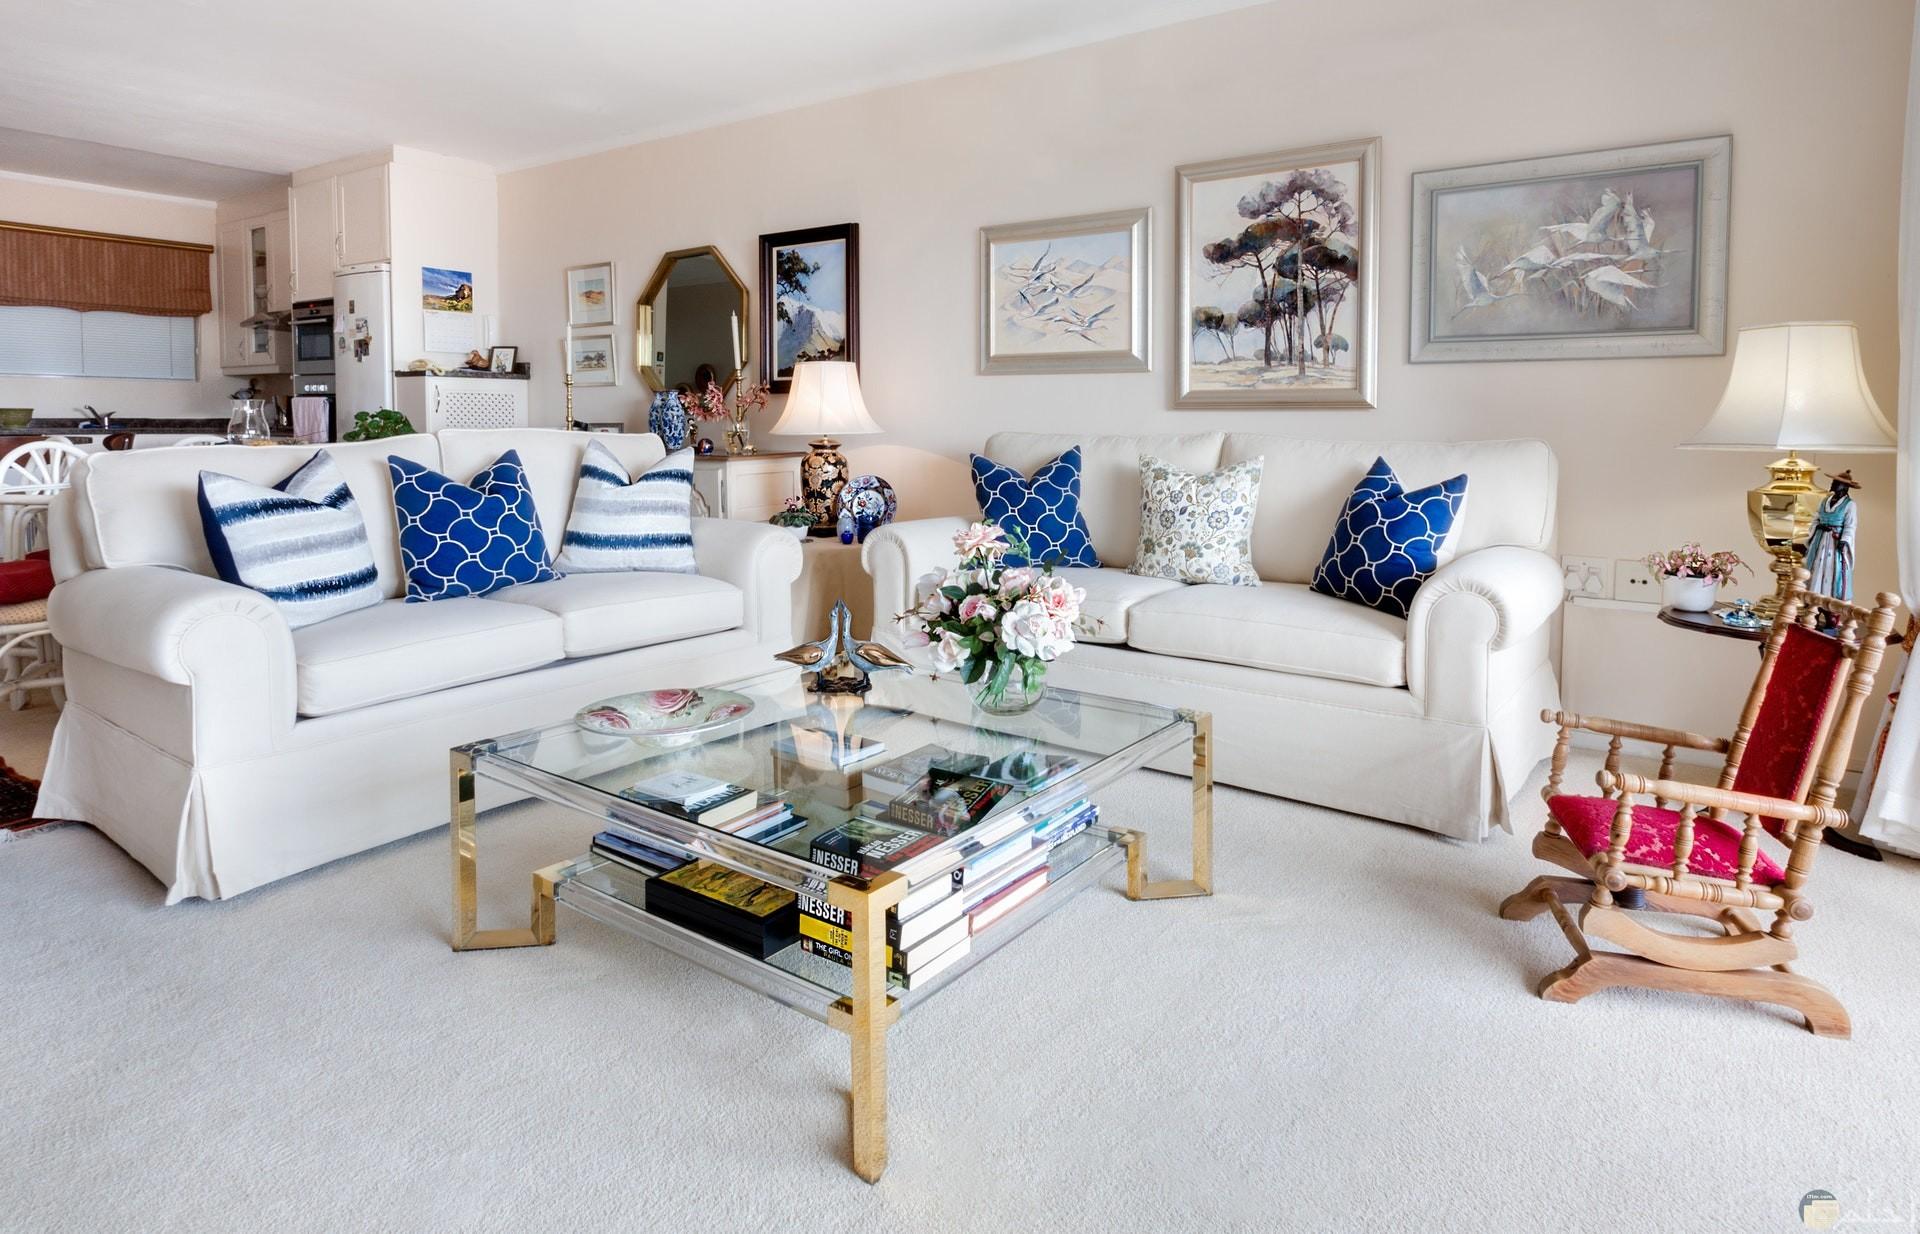 صورة جميلة لديكور أنيق حيث تناسق الكنب باللون الأبيض مع اللوحات والمنضدة الزجاجية وألوان الحوائط